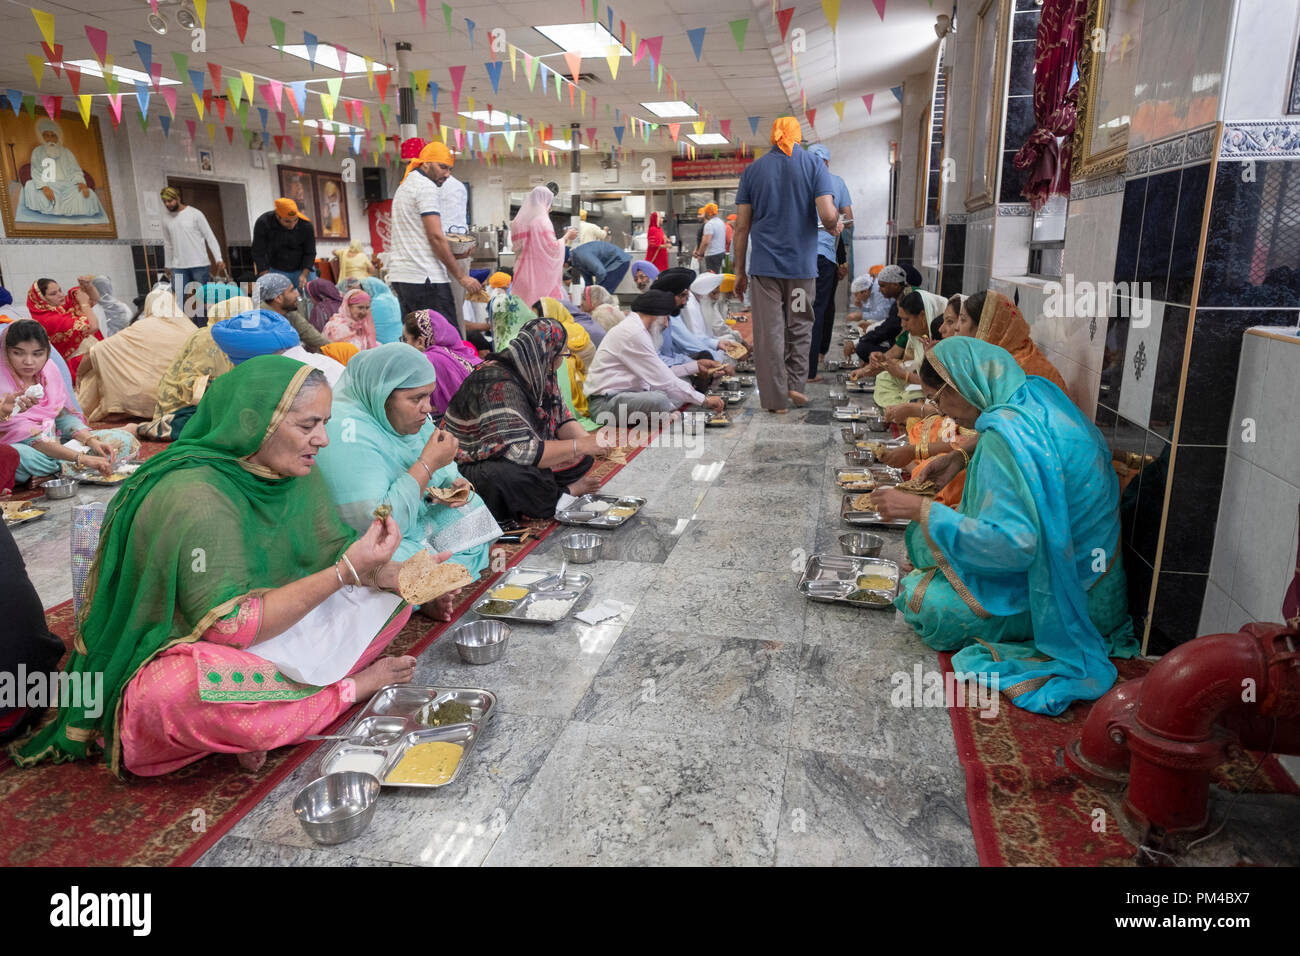 Les femmes et certains hommes de manger dans un temple Sikh langar où un repas végétarien est servi gratuitement à tous sans exception. Photo Stock